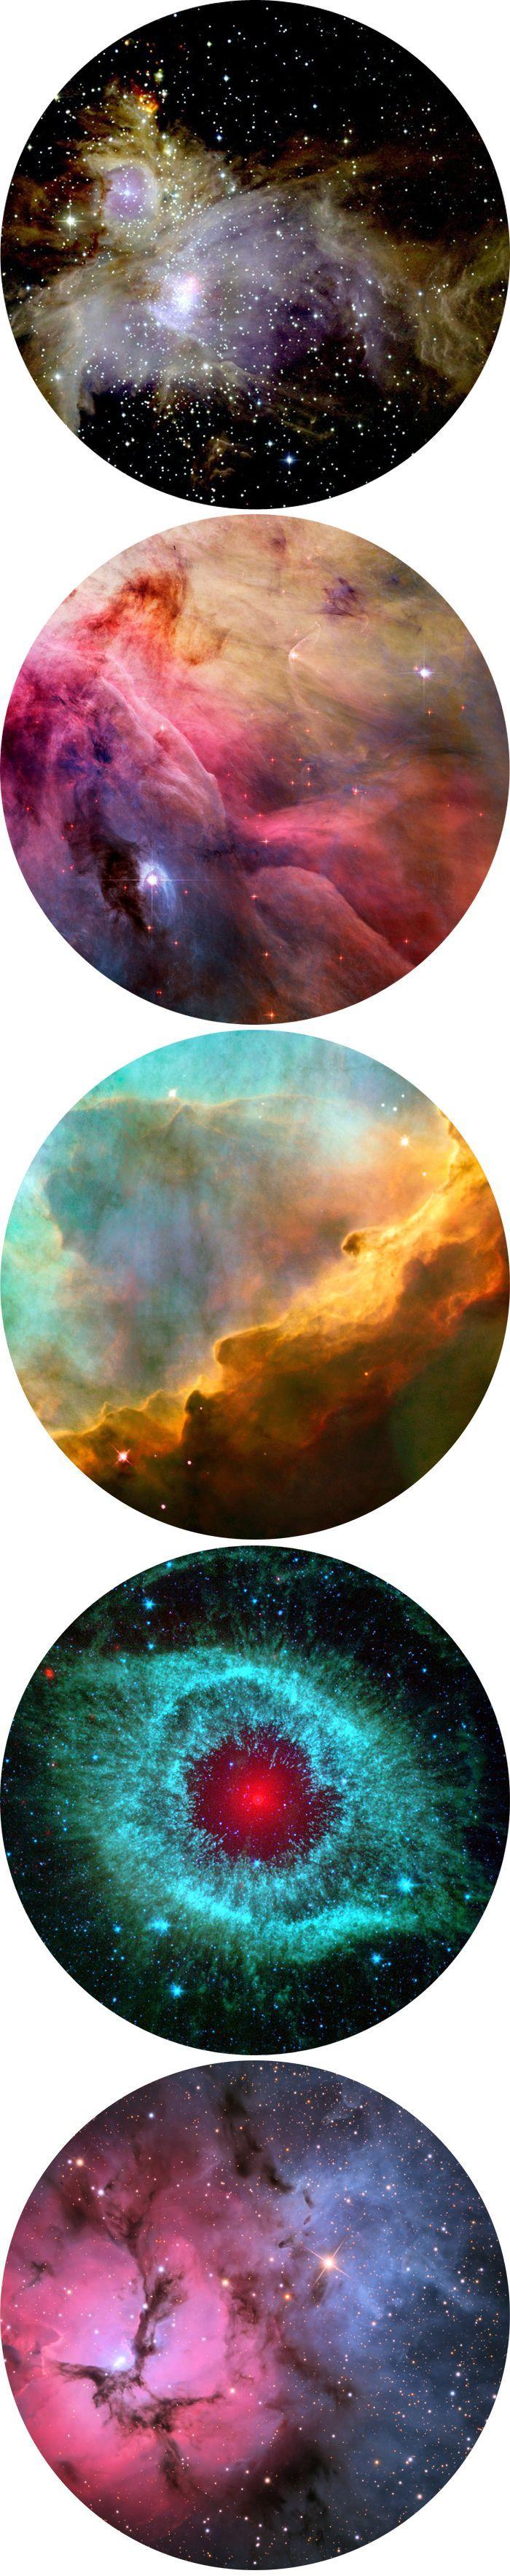 Galáxia                                                       …